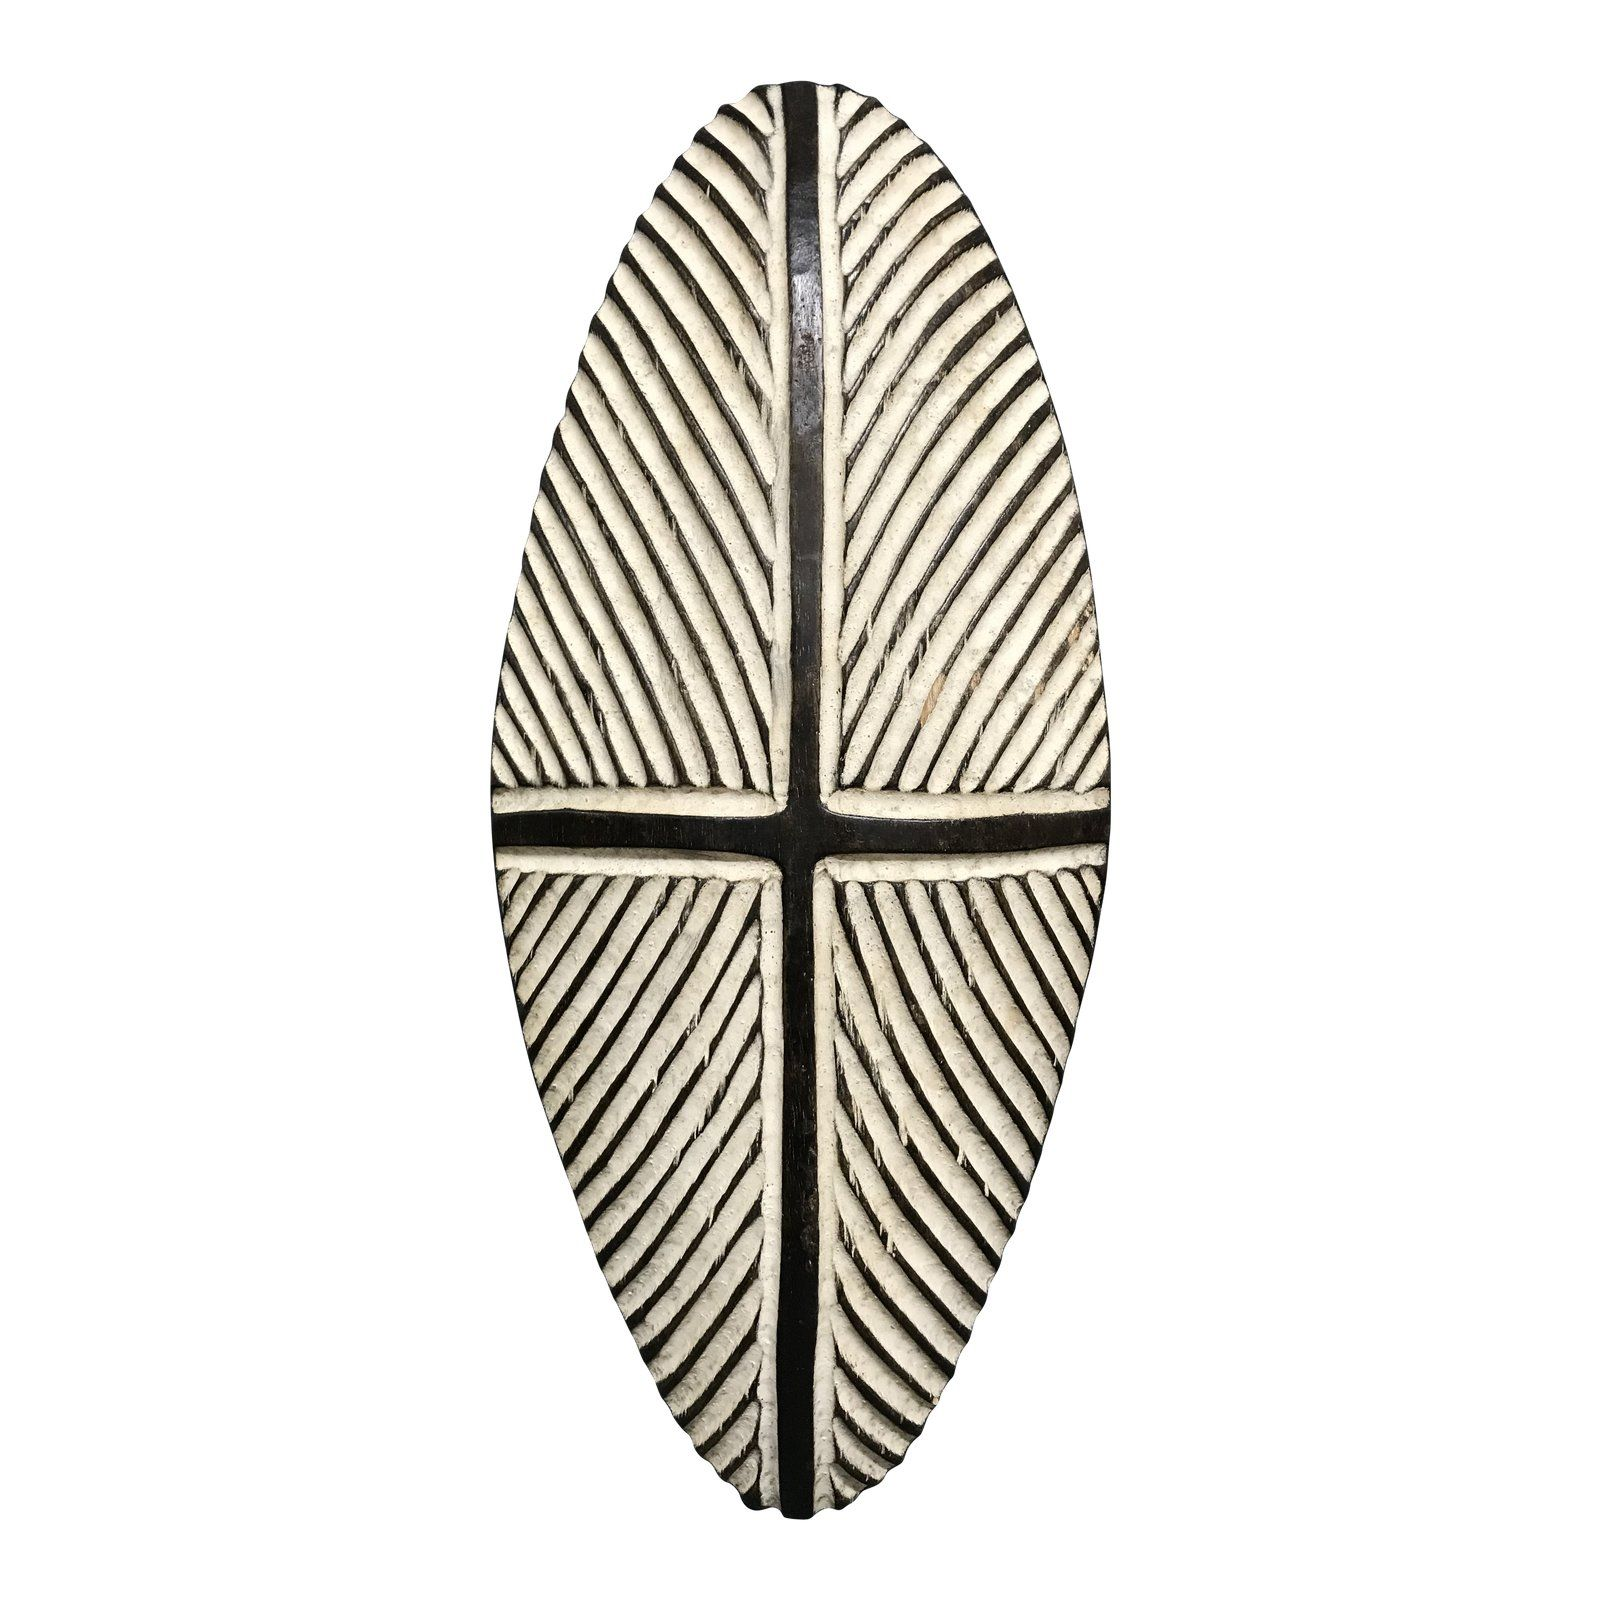 African Tribal Art Zulu Shield in 2019.